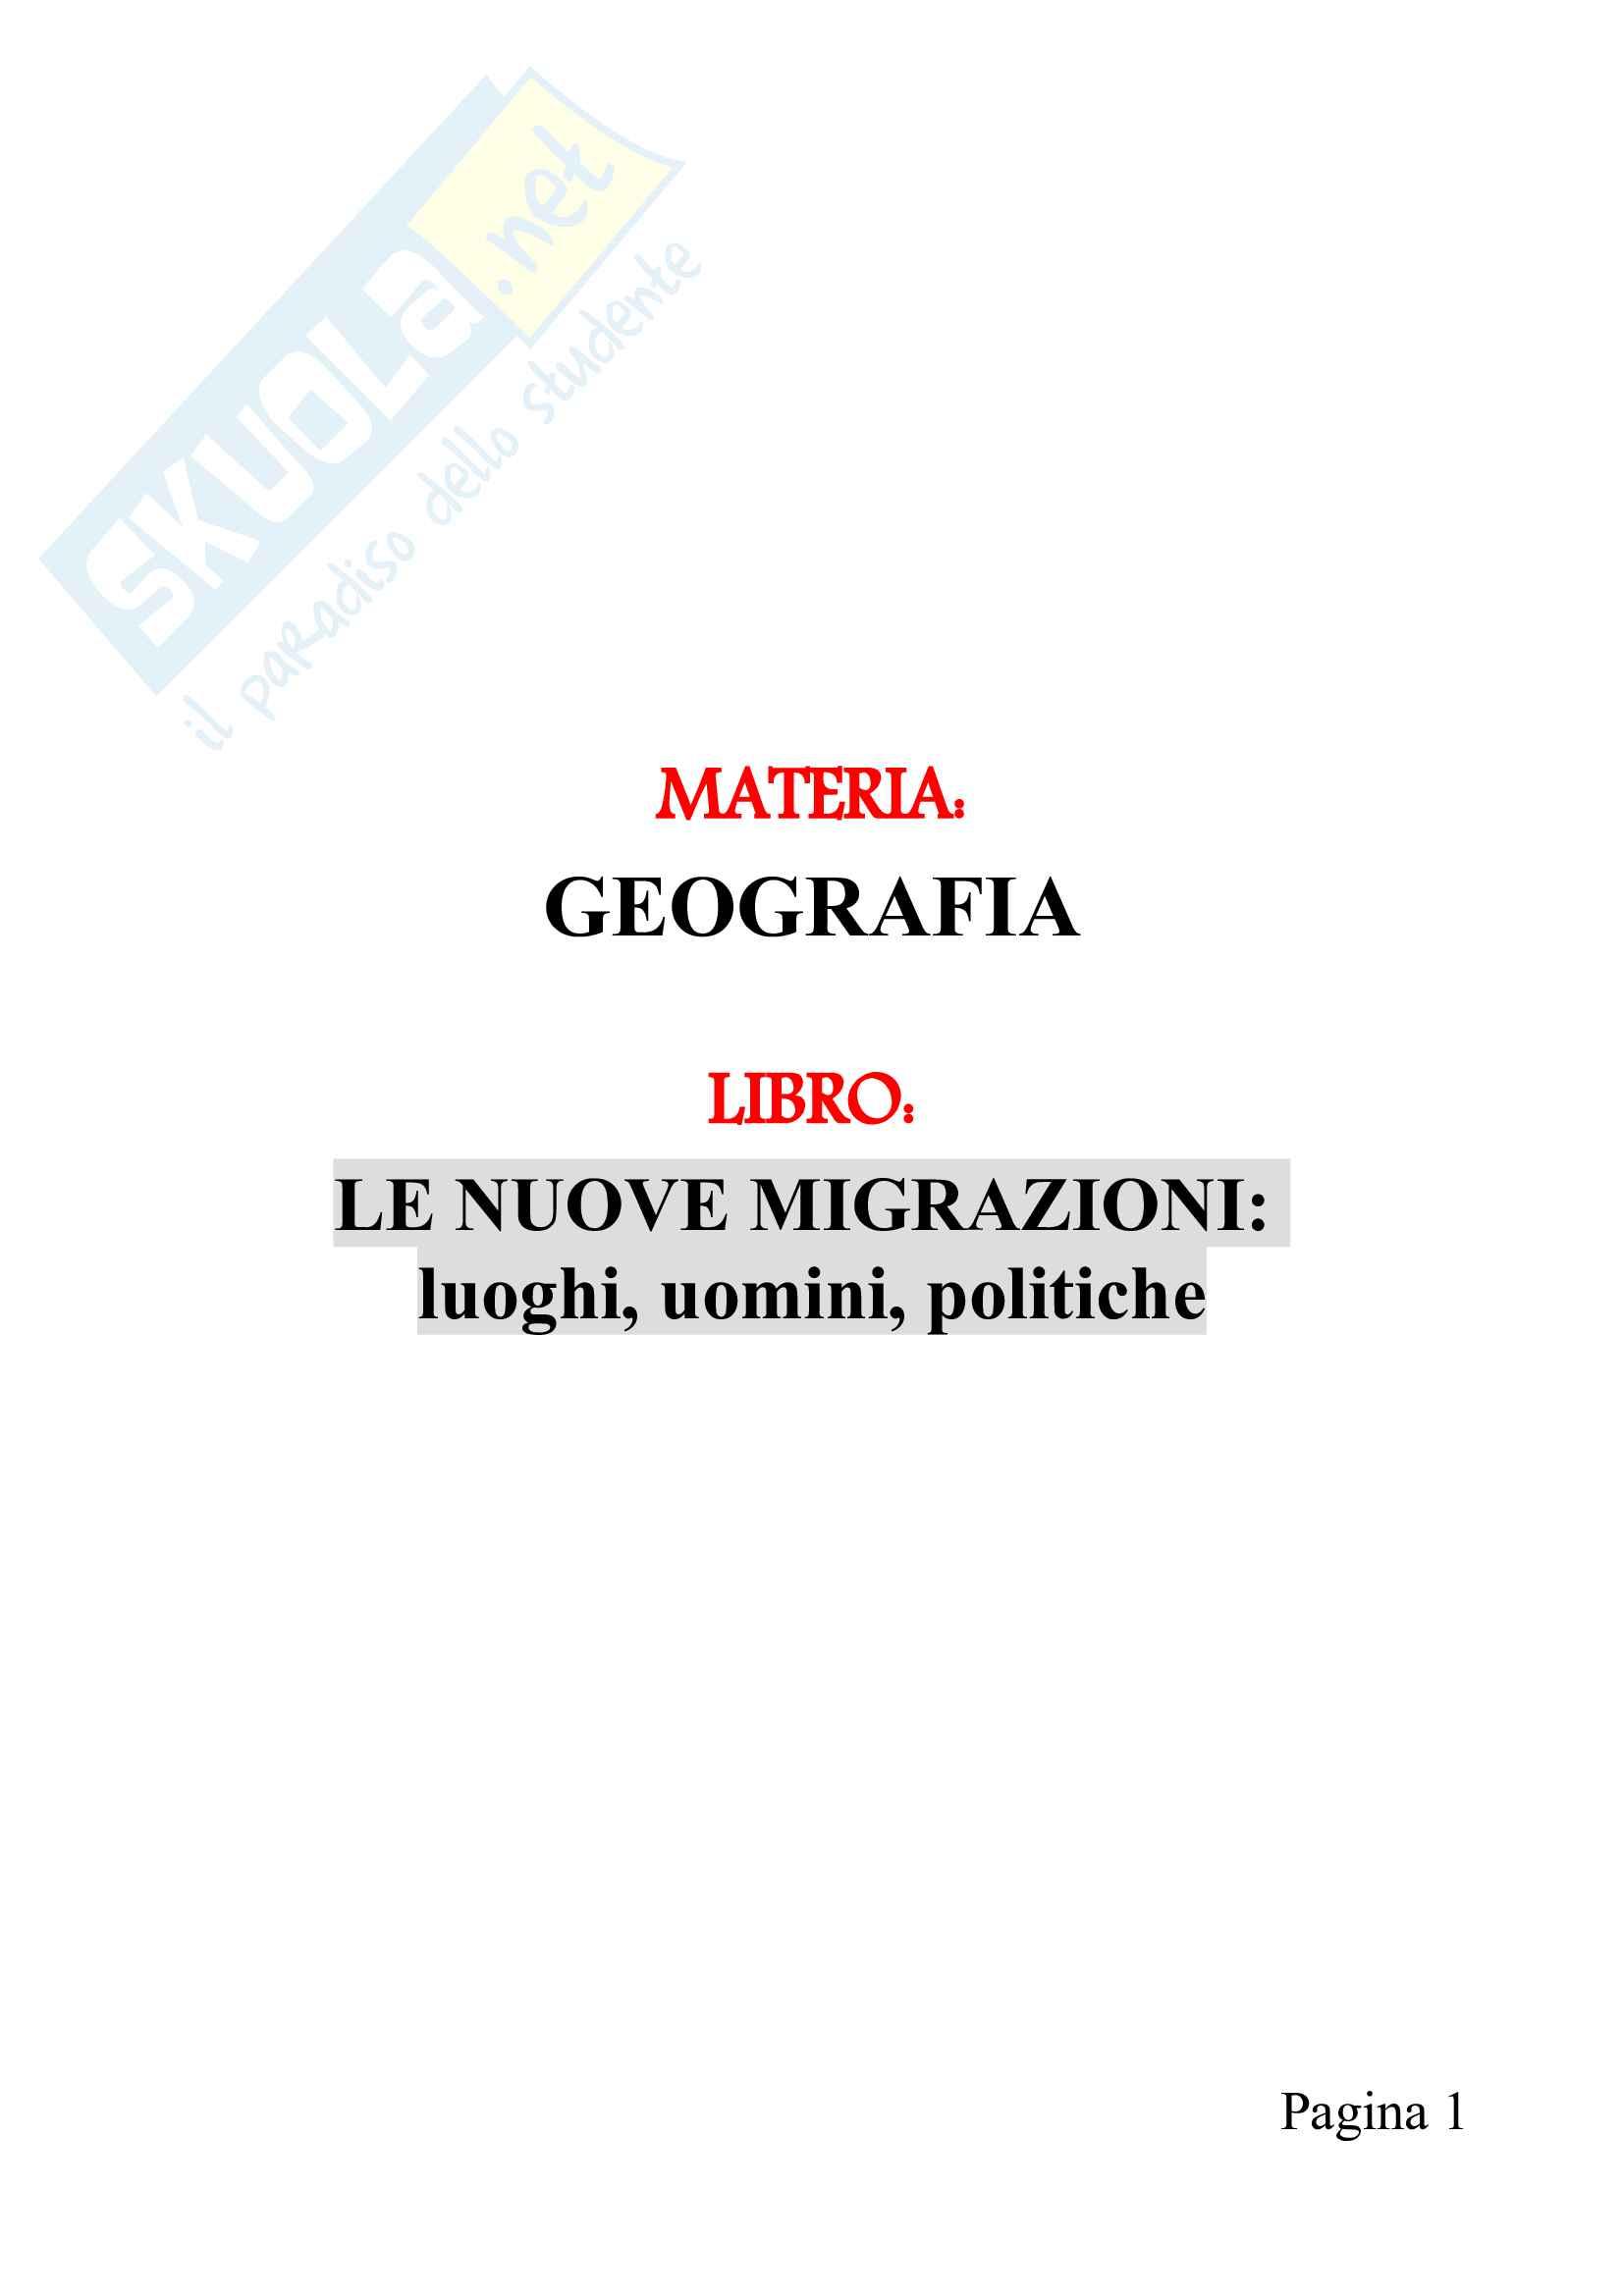 Riassunto esame di Geografia, prof. Riggio, libro consigliato Le nuove migrazioni luoghi uomini politiche, Withol de Wenden